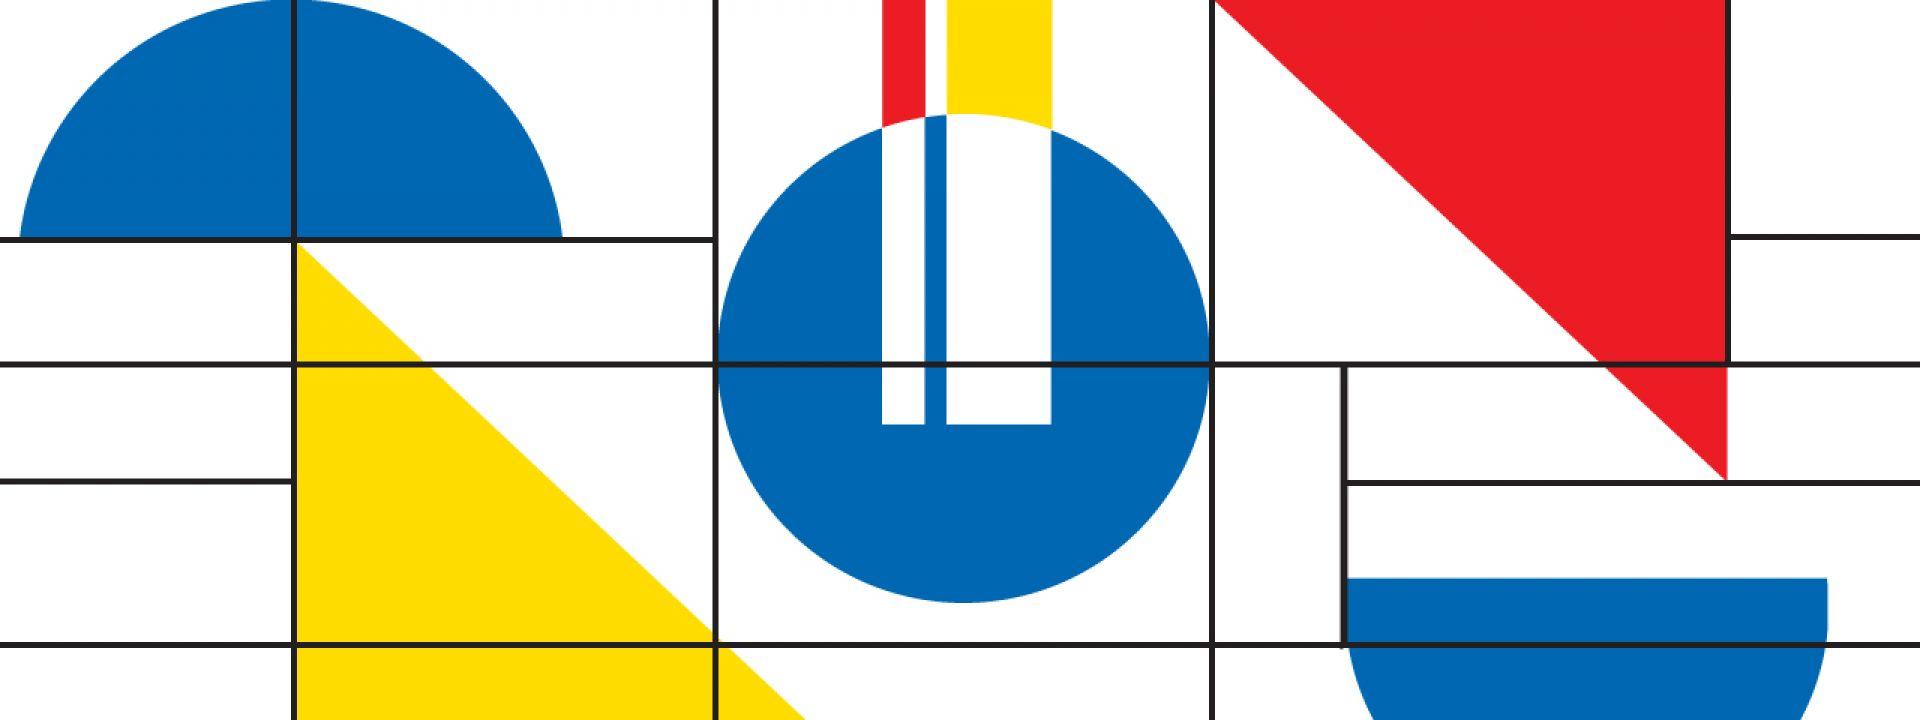 Δημιουργικό για τα εργαστήρια για οικογένειες με αφορμή το Bauhaus στα 100